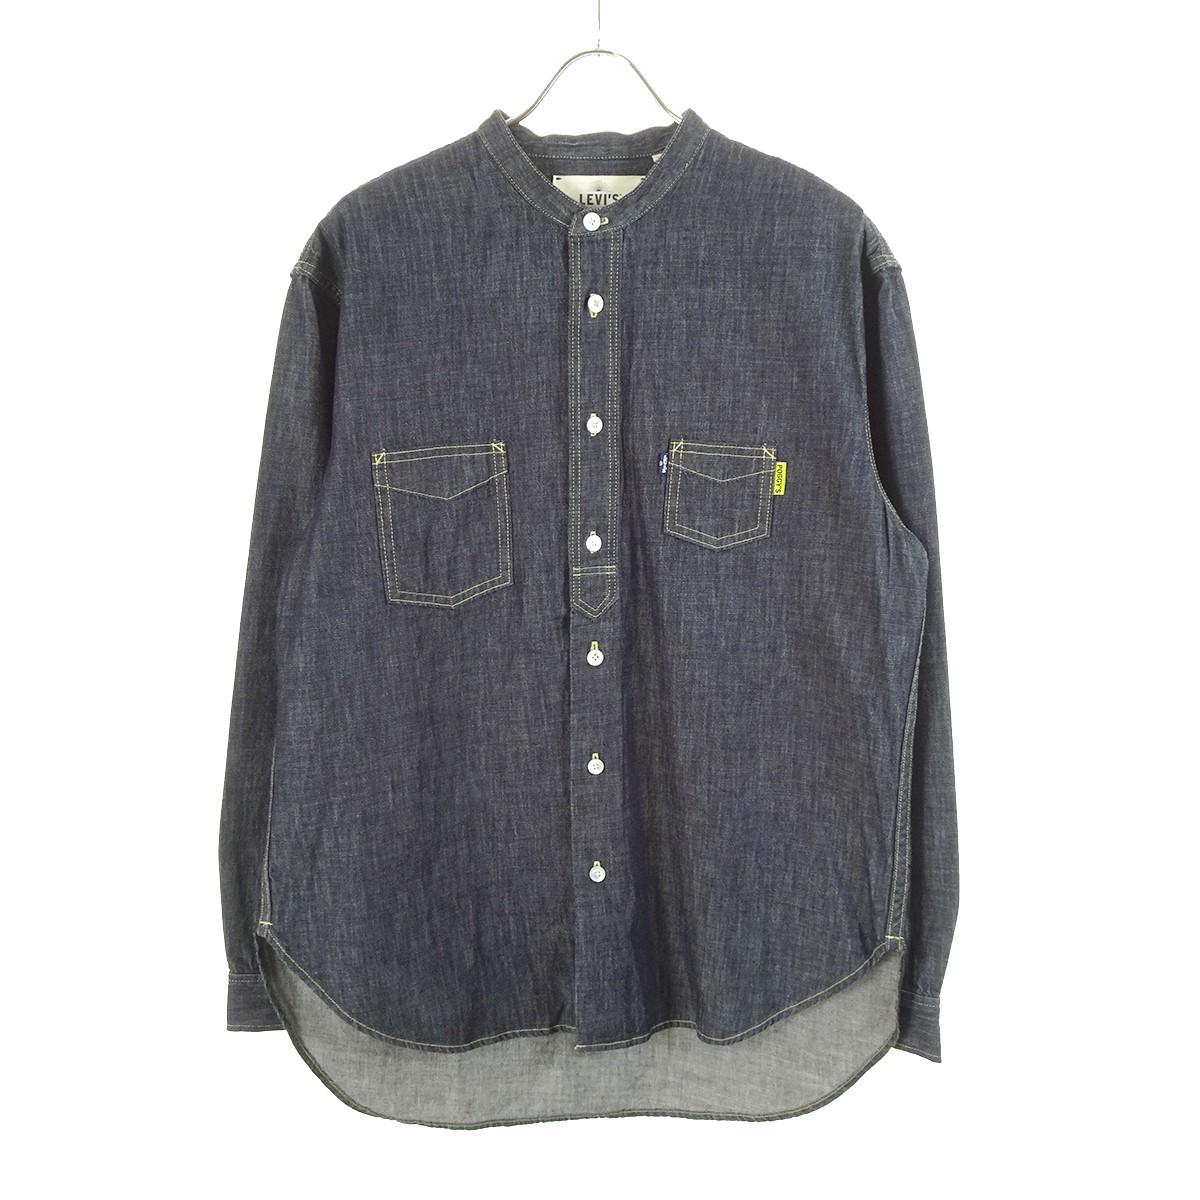 【中古】LEVI'S MADE&CRAFTED×POGGY デニムシャツ インディゴ サイズ:S 【180320】(リーバイス メイド アンド クラフテッド×ポギー)